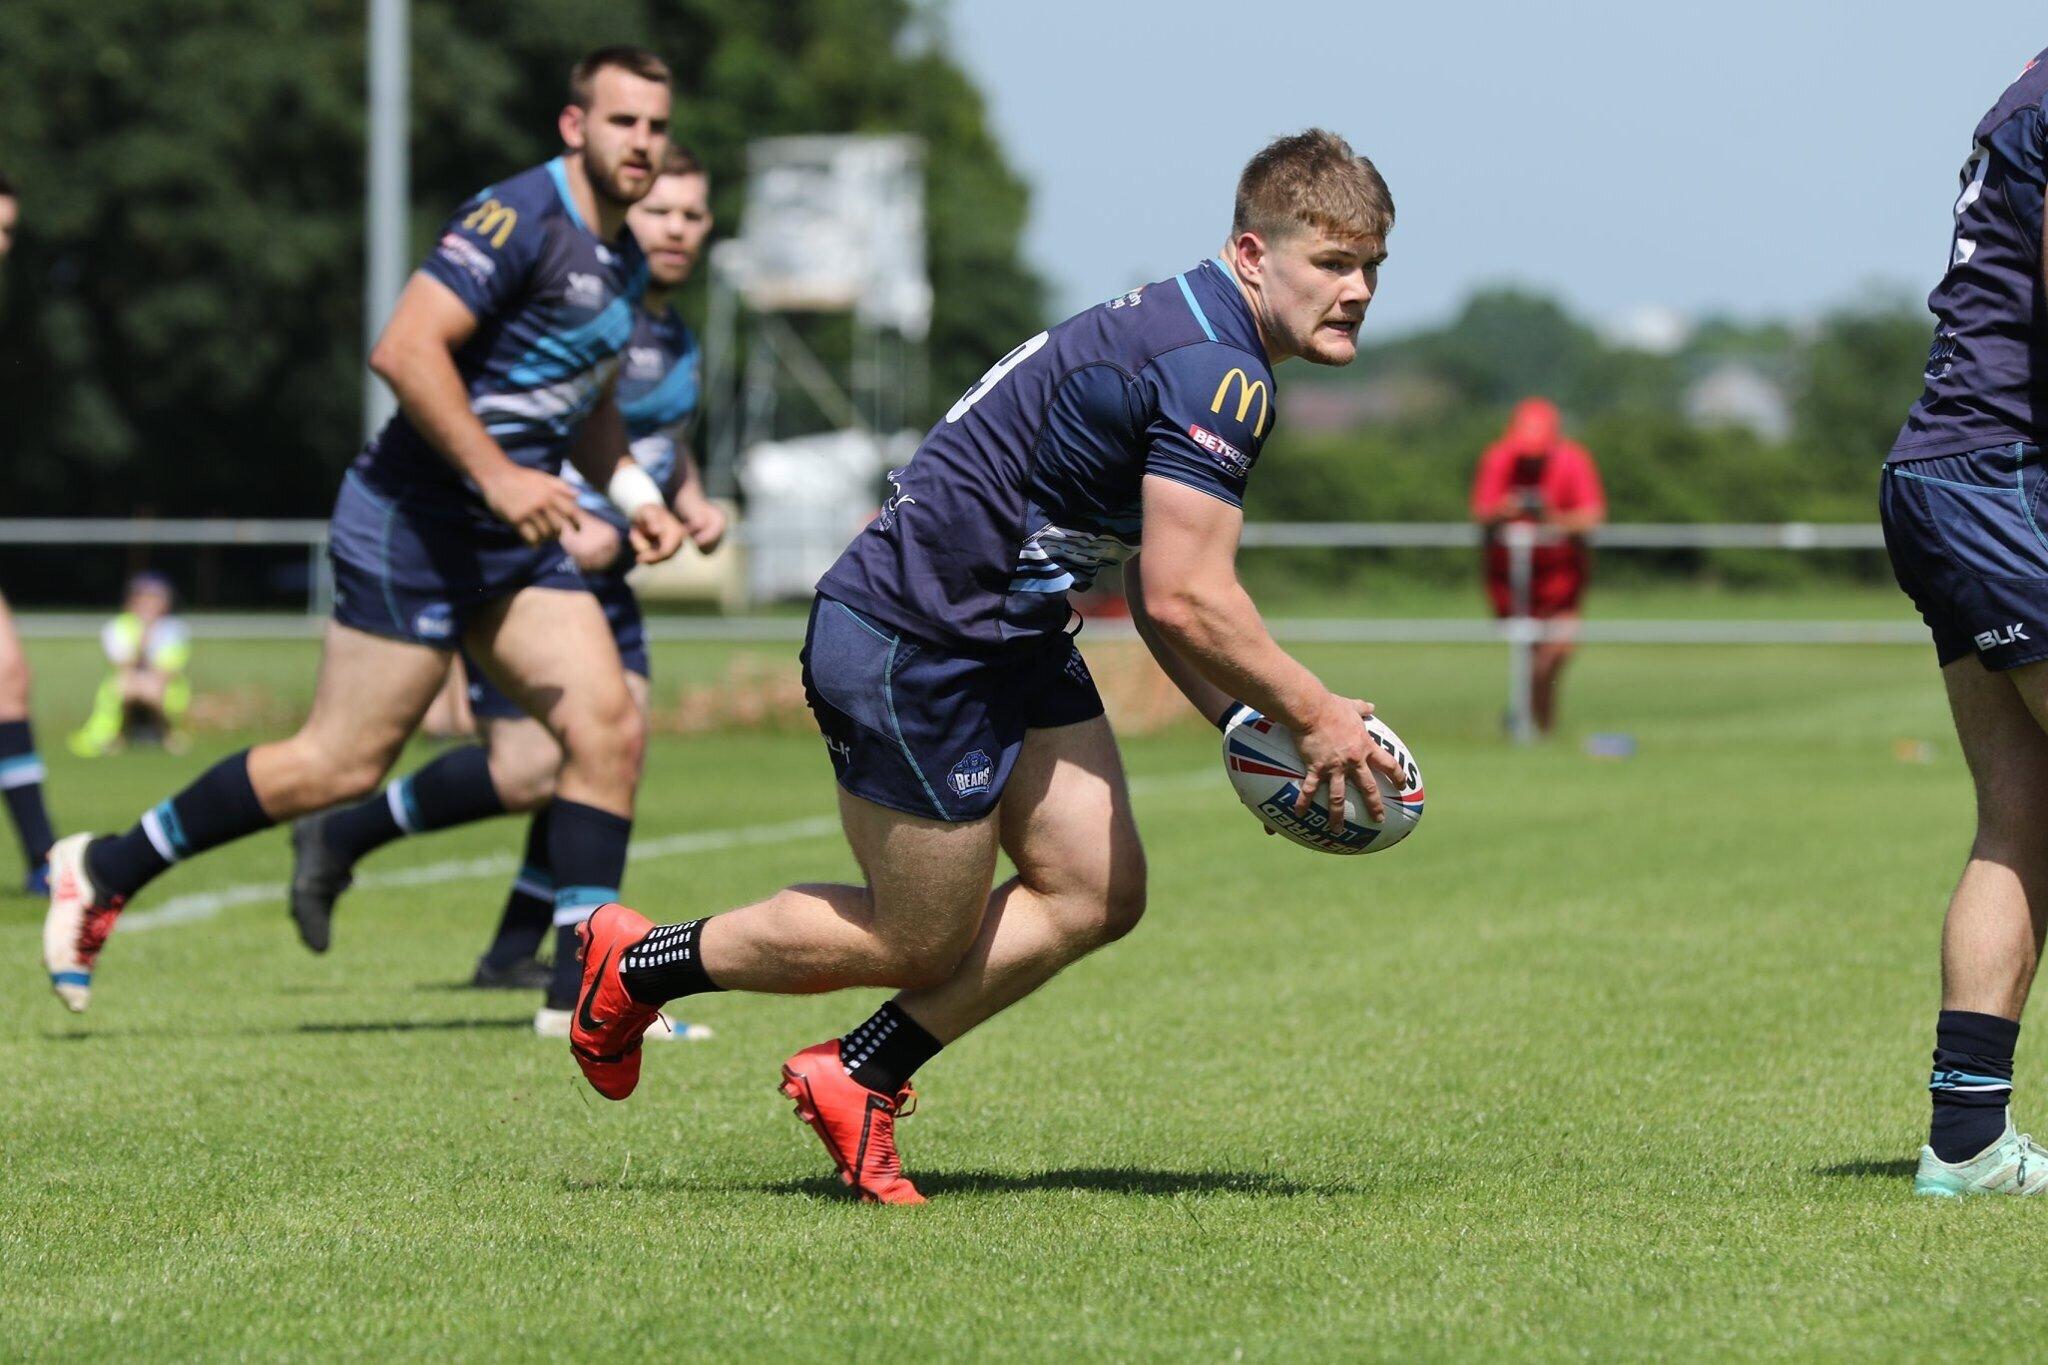 Sam Davis